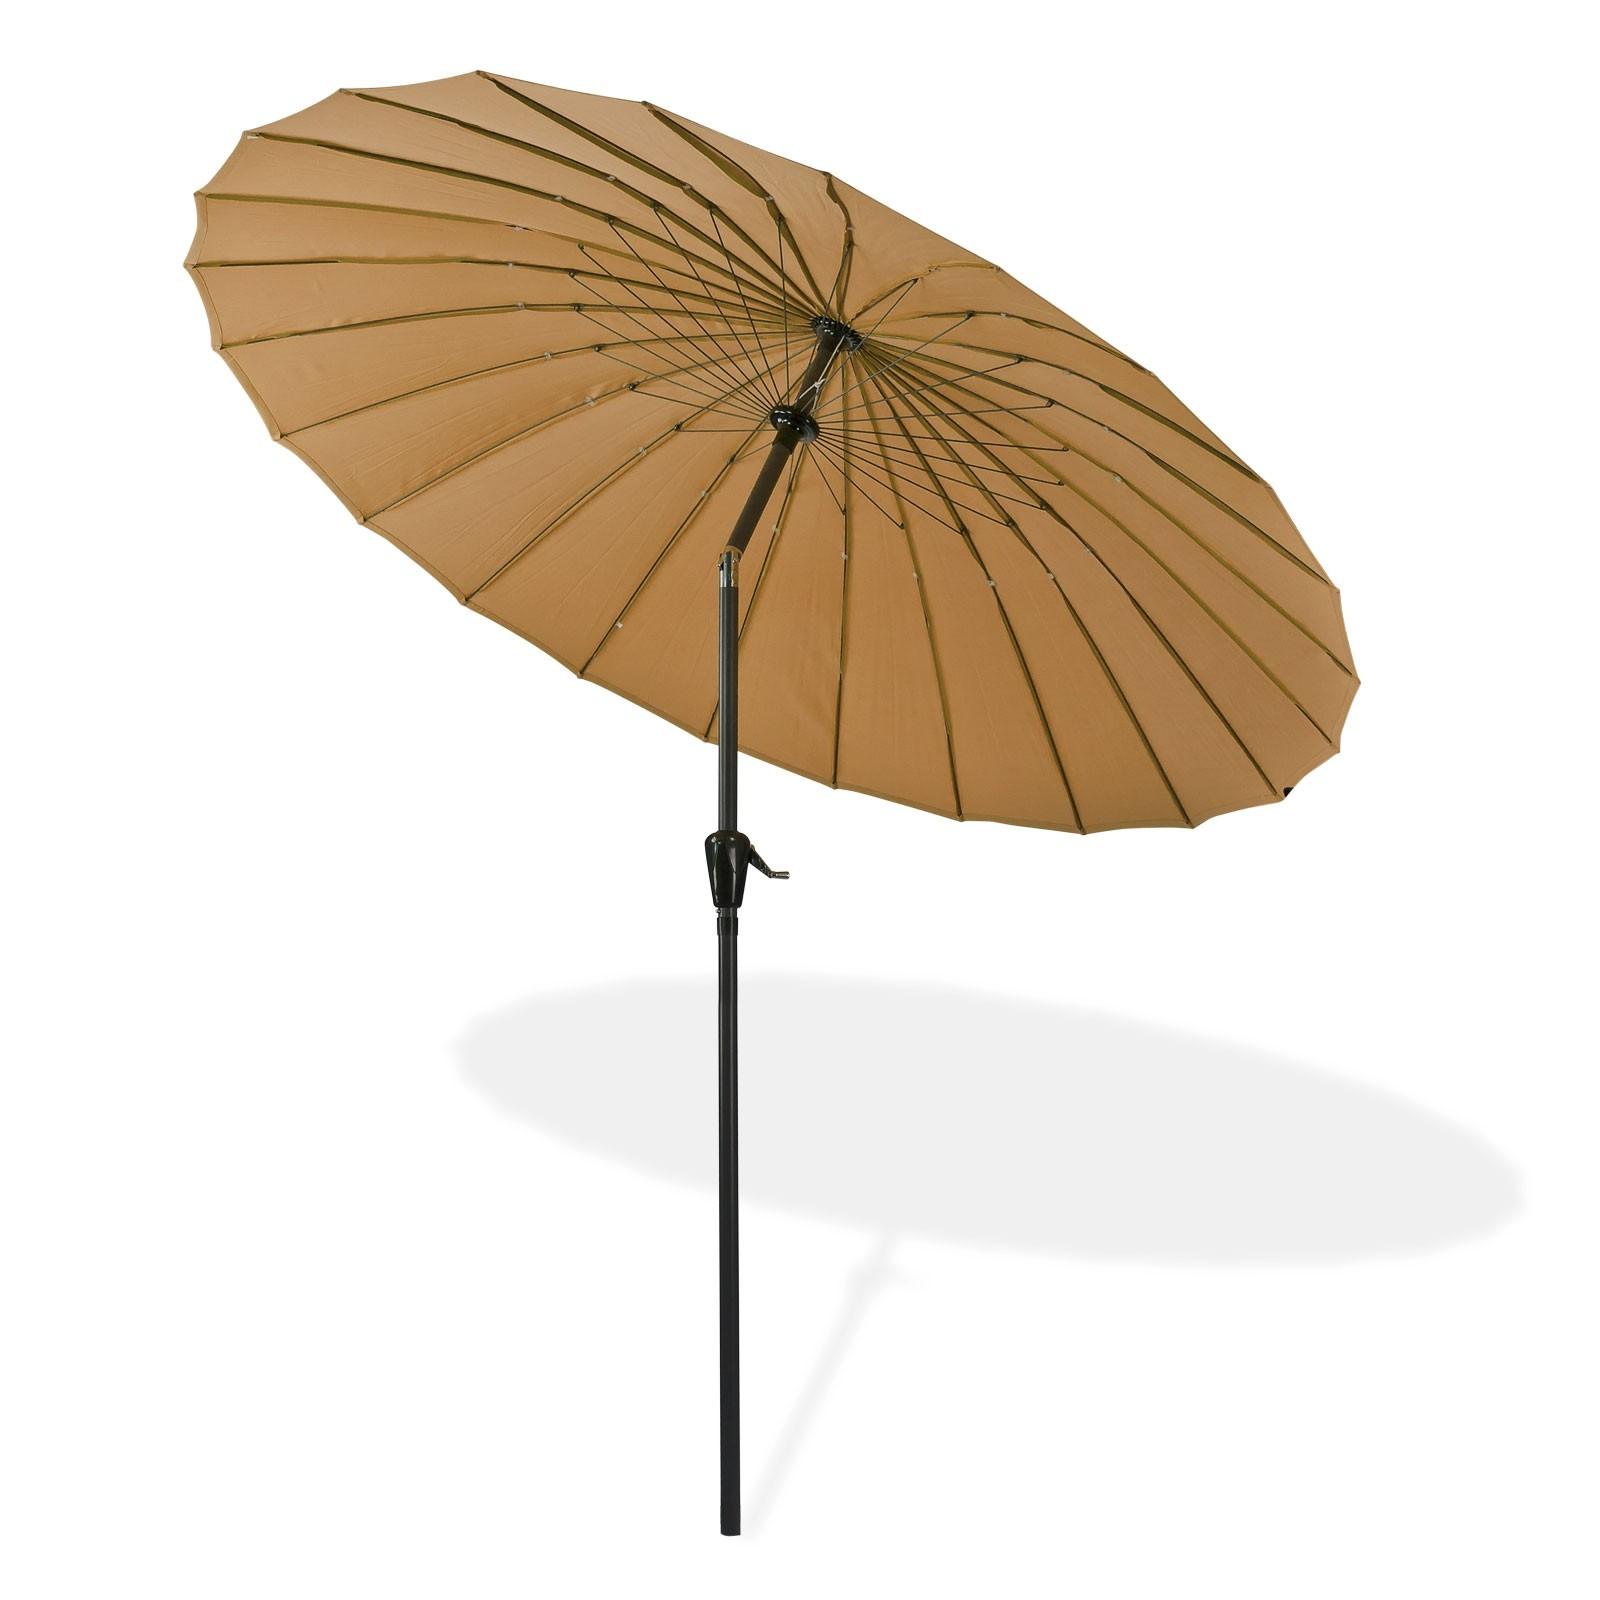 Dema Sonnenschirm Gartenschirm Sonnenschutz Schirm mit Kurbel Tokio rund Ø 2,5m braun 41278